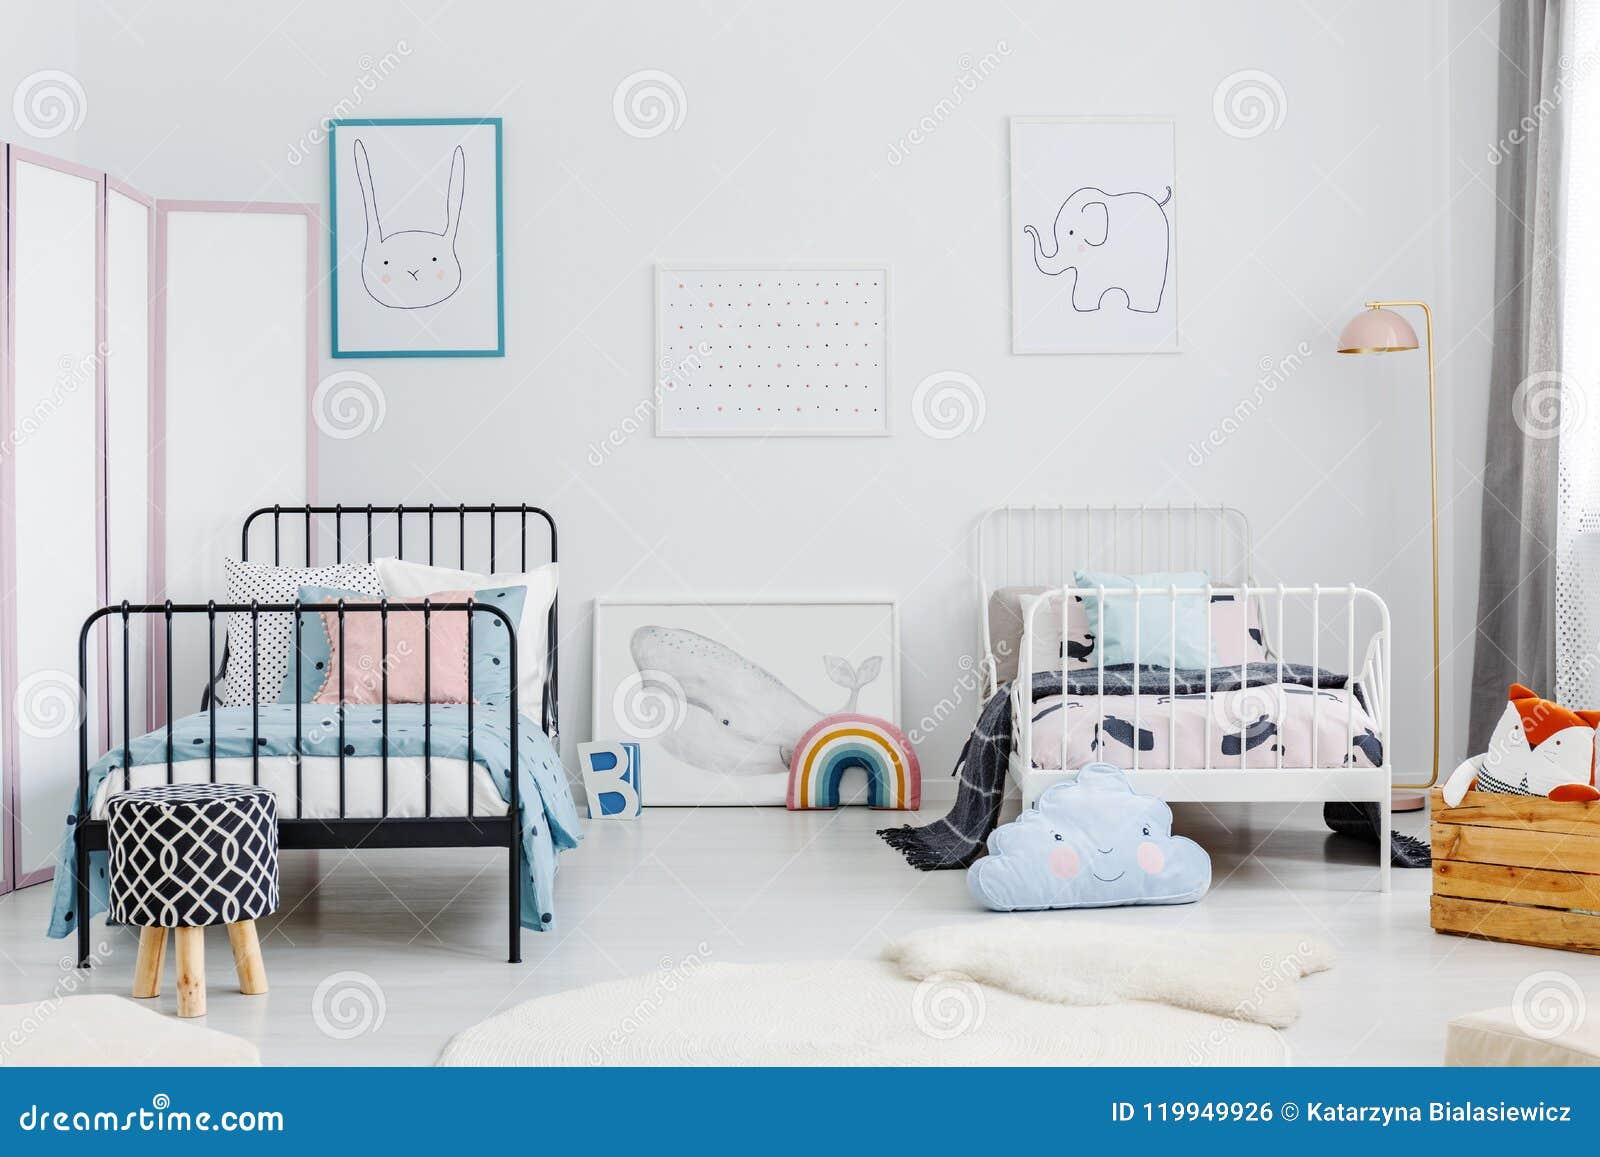 Minimal Bedroom Interior For Two Children. Metal Frame Beds, Som ...